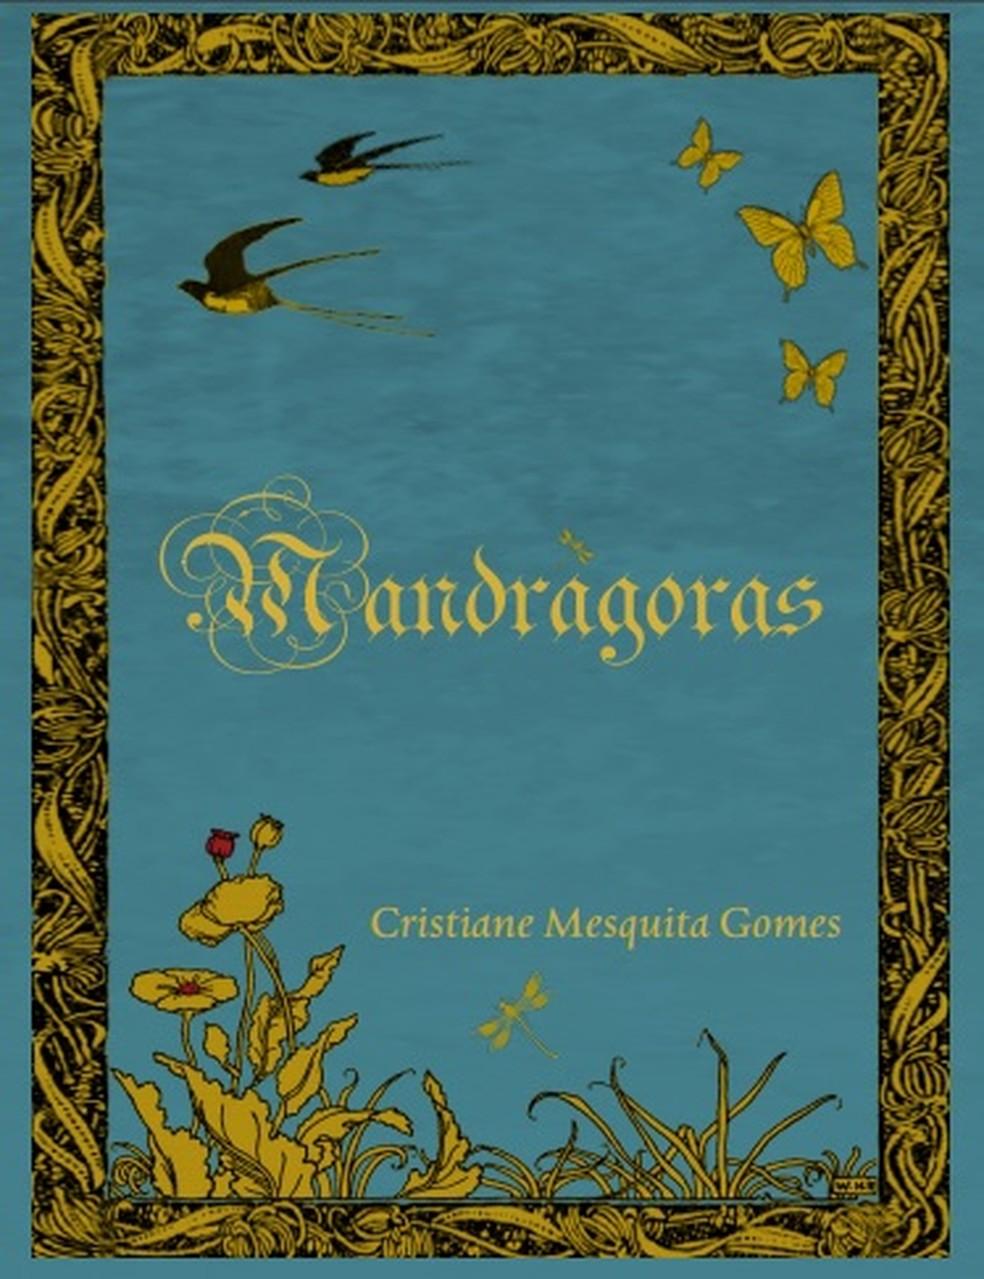 Capa do livro 'Mandrágoras', novo lançamento da escritora Cristiane Mesquita — Foto: Divulgação